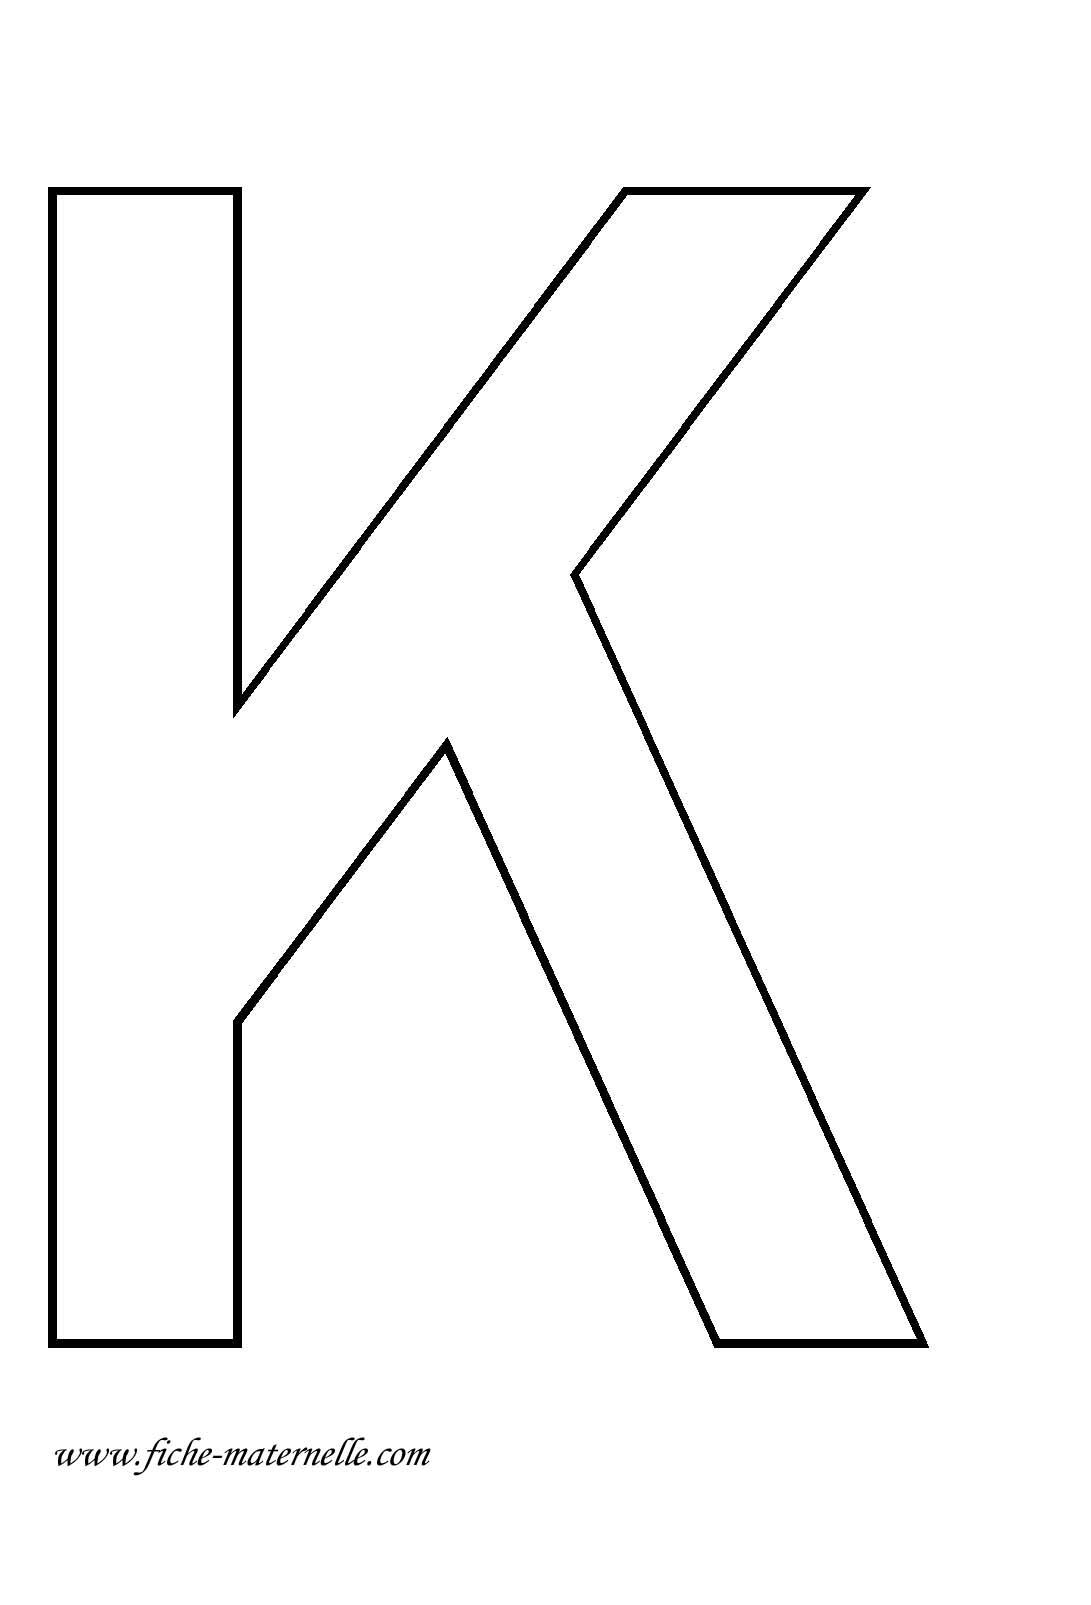 La lettre k - K en majuscule ...